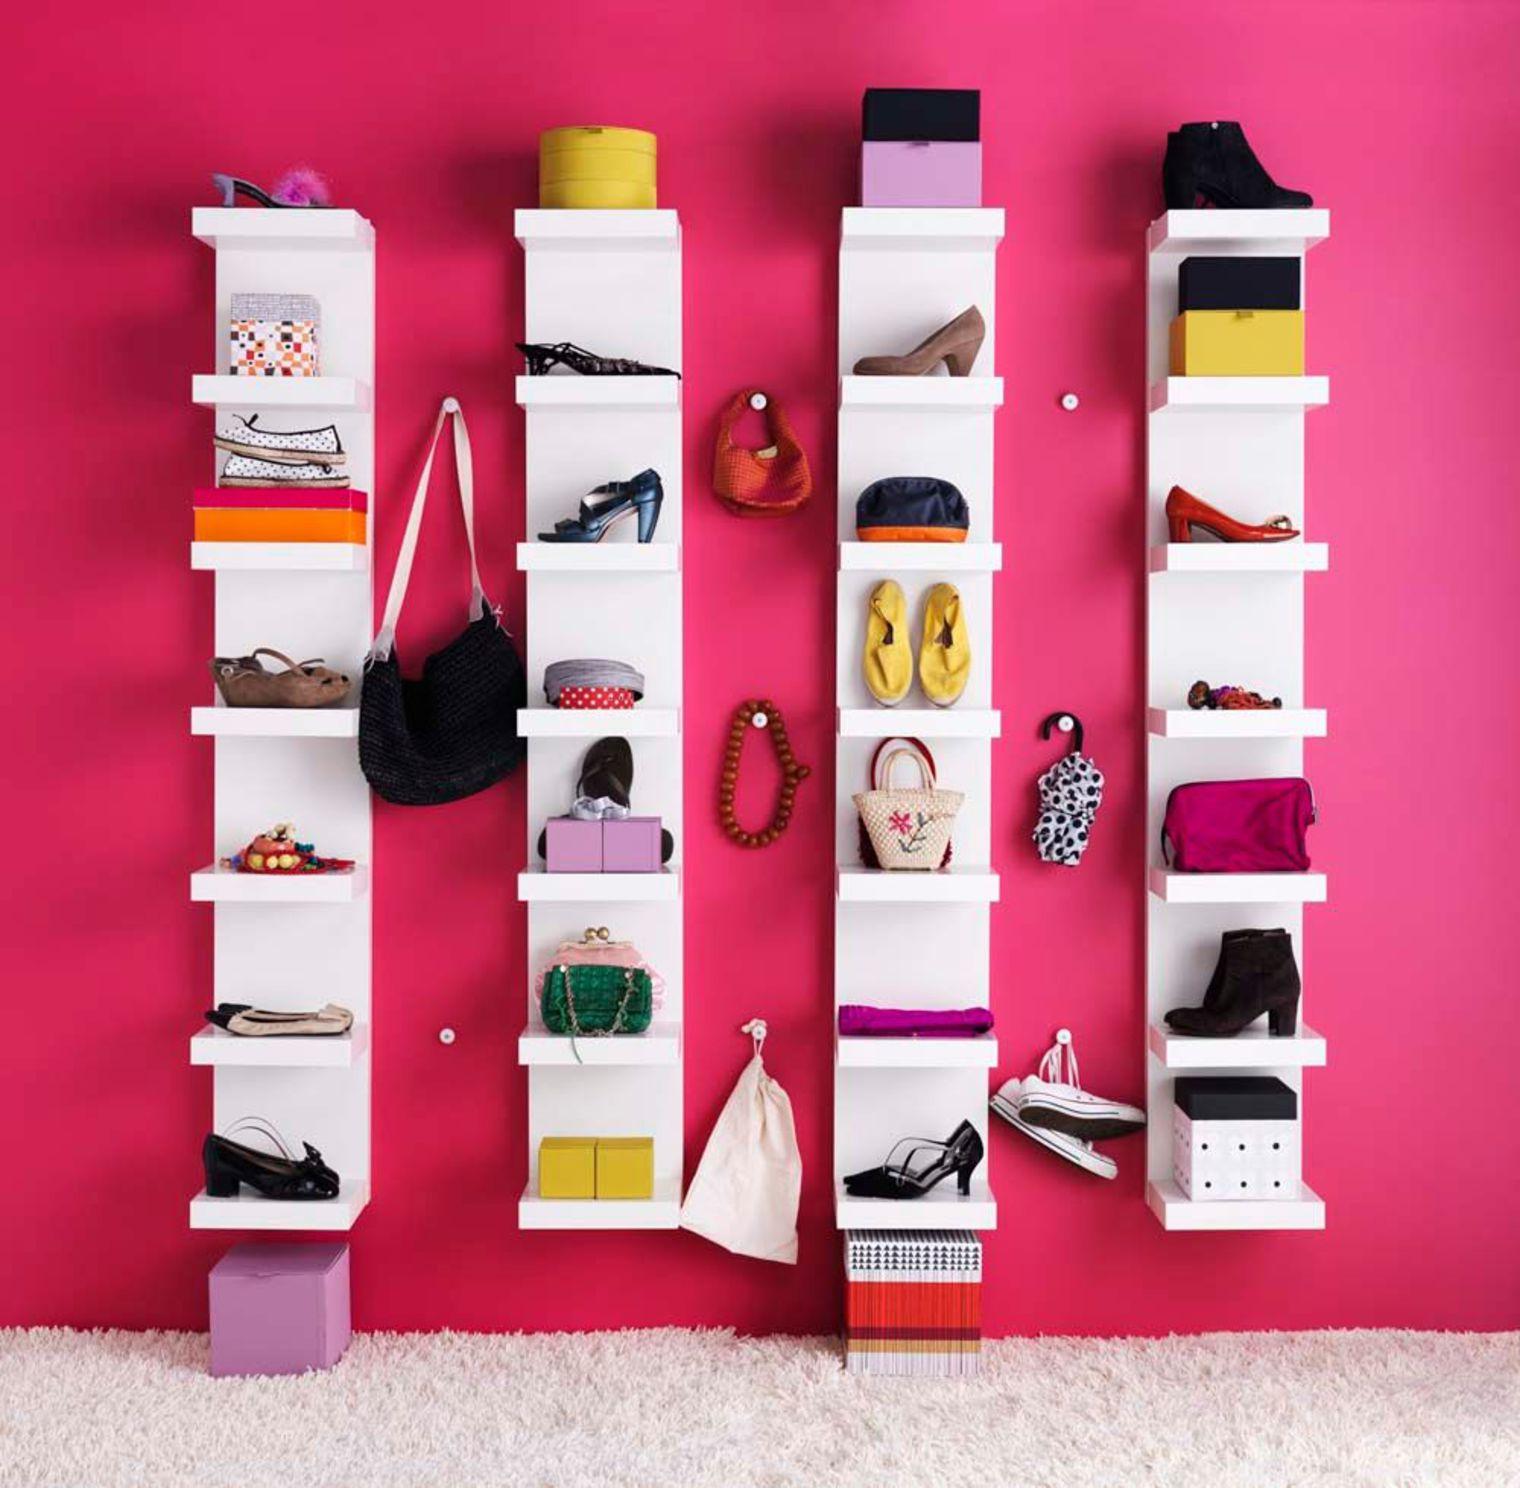 35 Id Es De Rangement Pour Les Chaussures Afin De Les Mettre En Valeur # La Place De Chaussure A La Maison